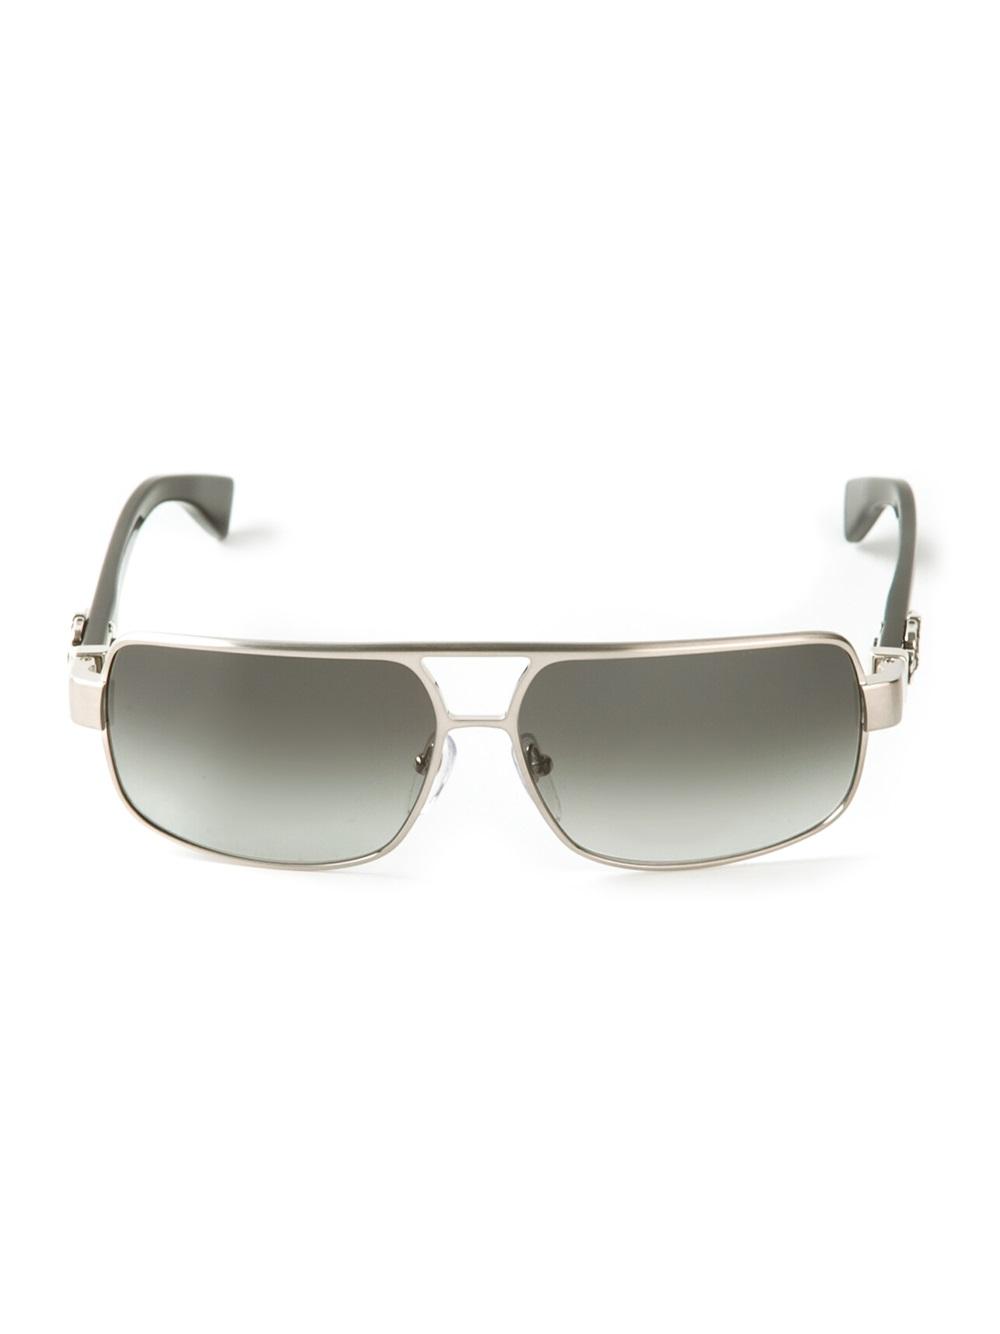 Oakley Batwolf Lenses >> Chrome Hearts Tank Slapper Sunglasses in Black for Men - Lyst